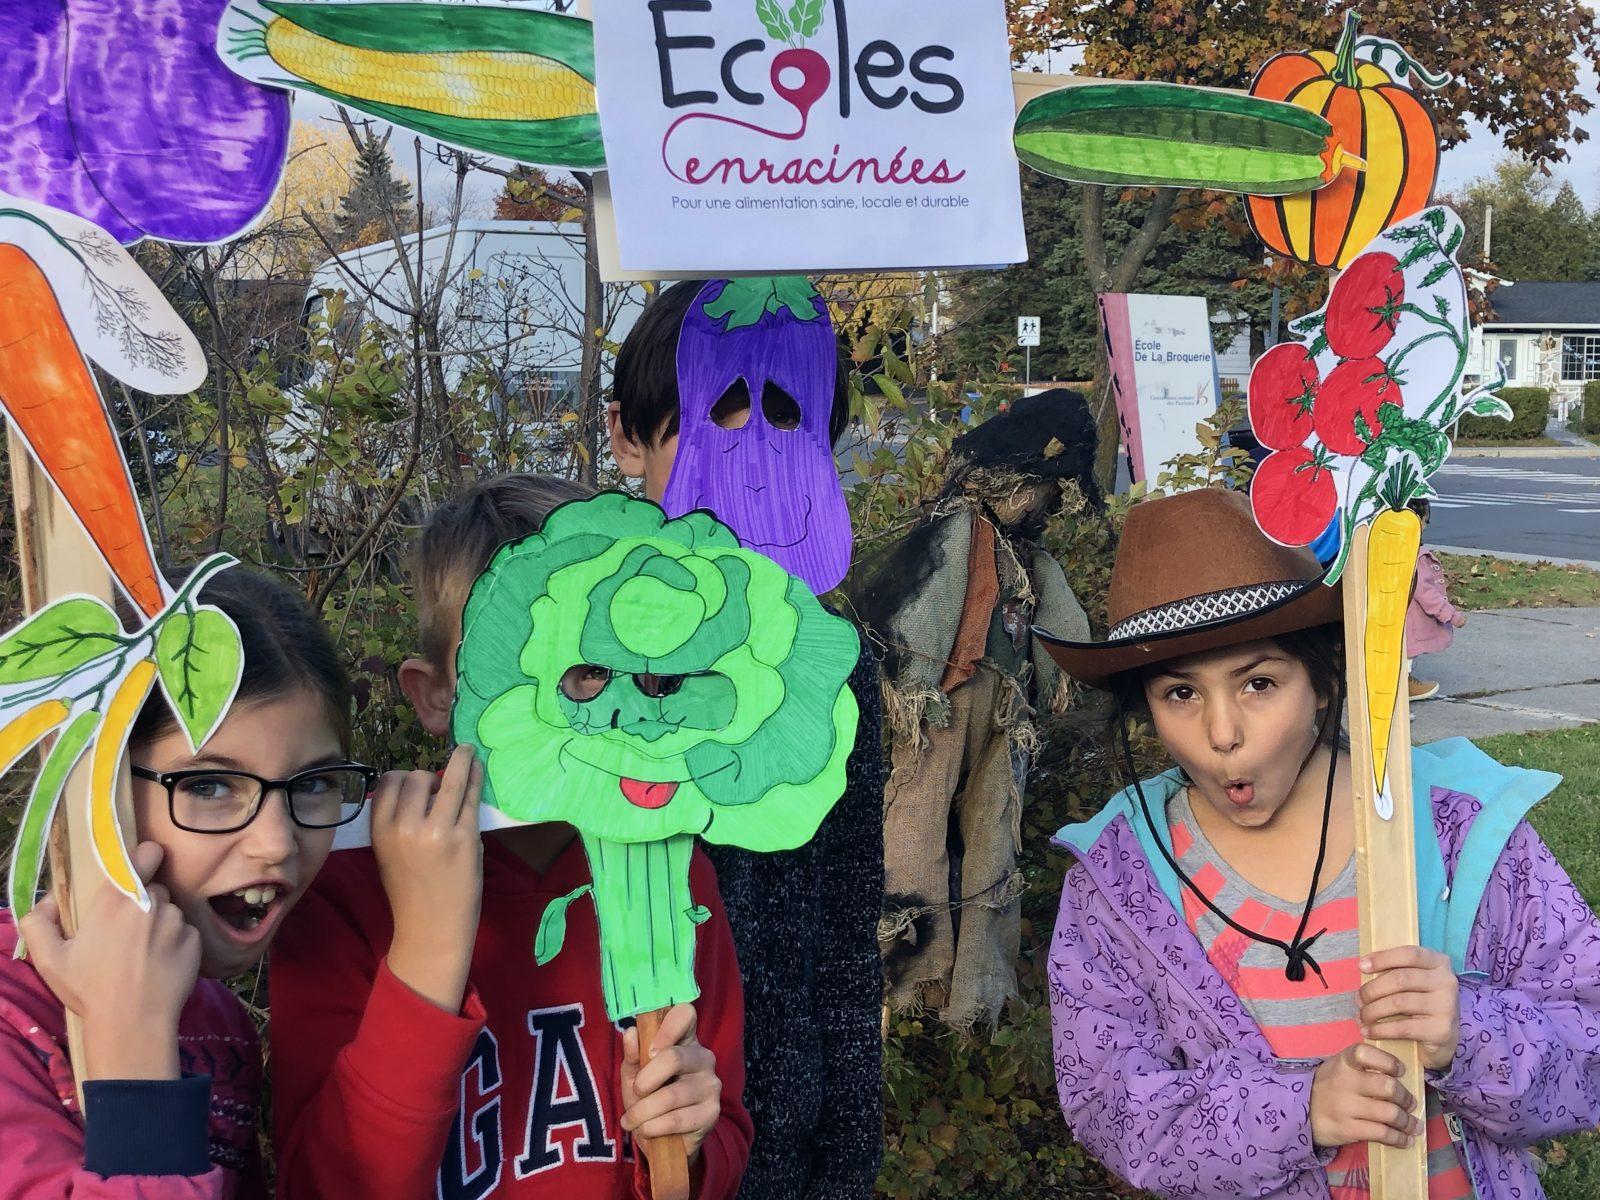 La campagne Écoles enracinées à l'école de la Broquerie couronnée de succès!